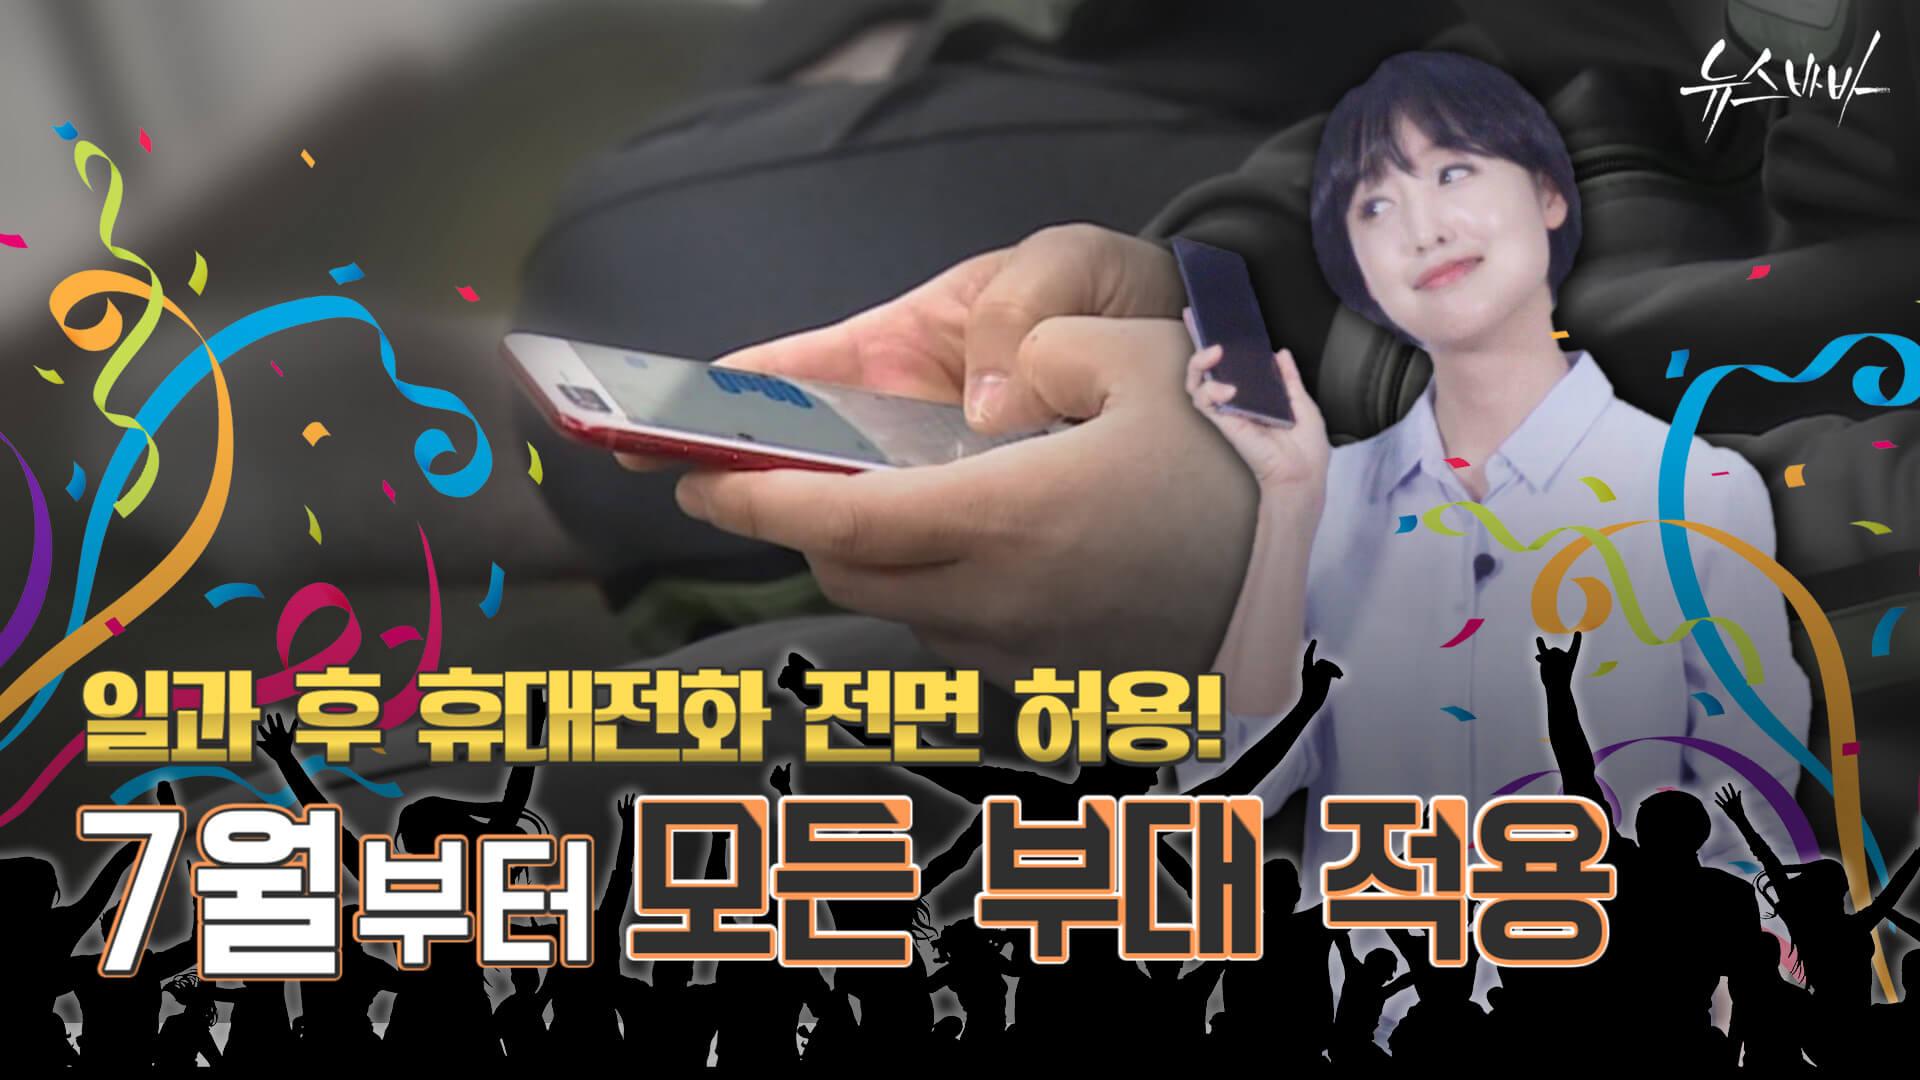 [뉴스바바] 일과 후 휴대전화 전